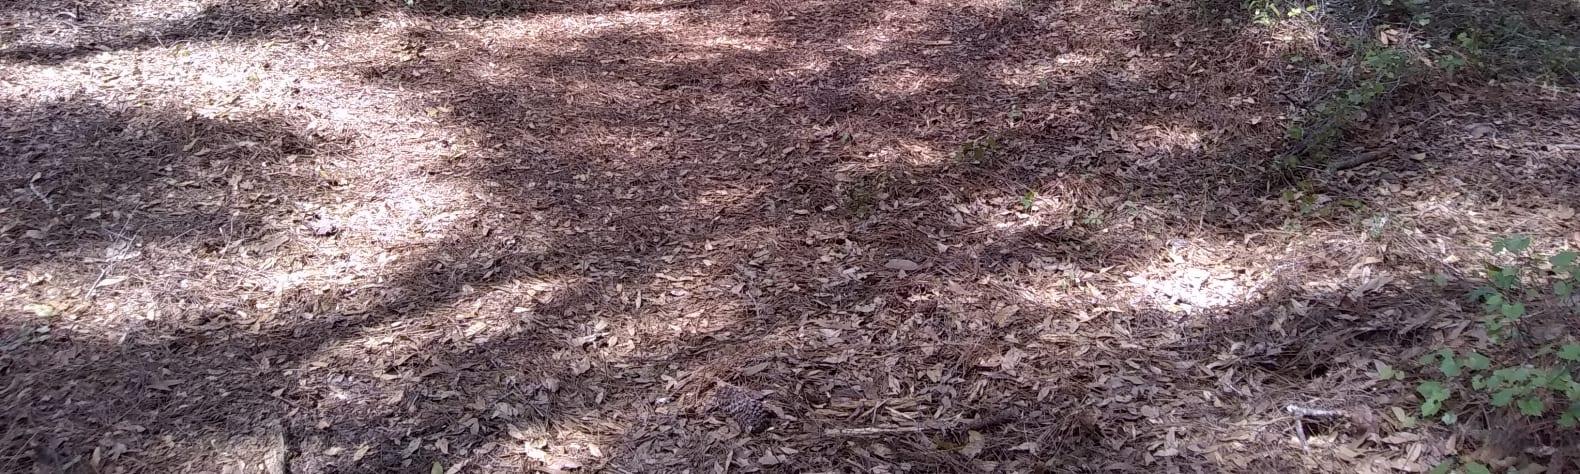 Gators nest